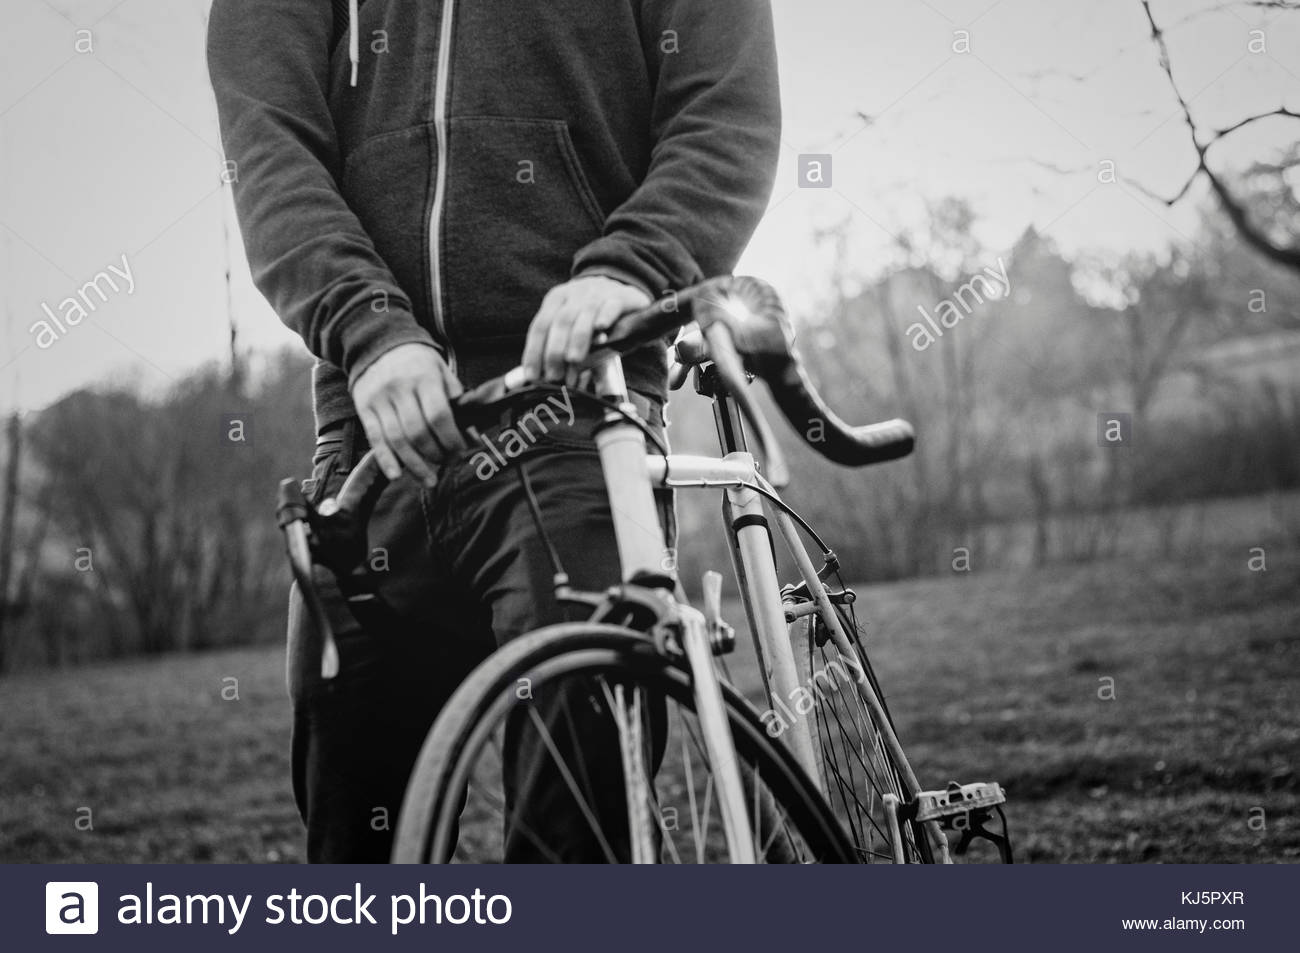 Hombre sujetando una bicicleta sobre el césped Imagen De Stock